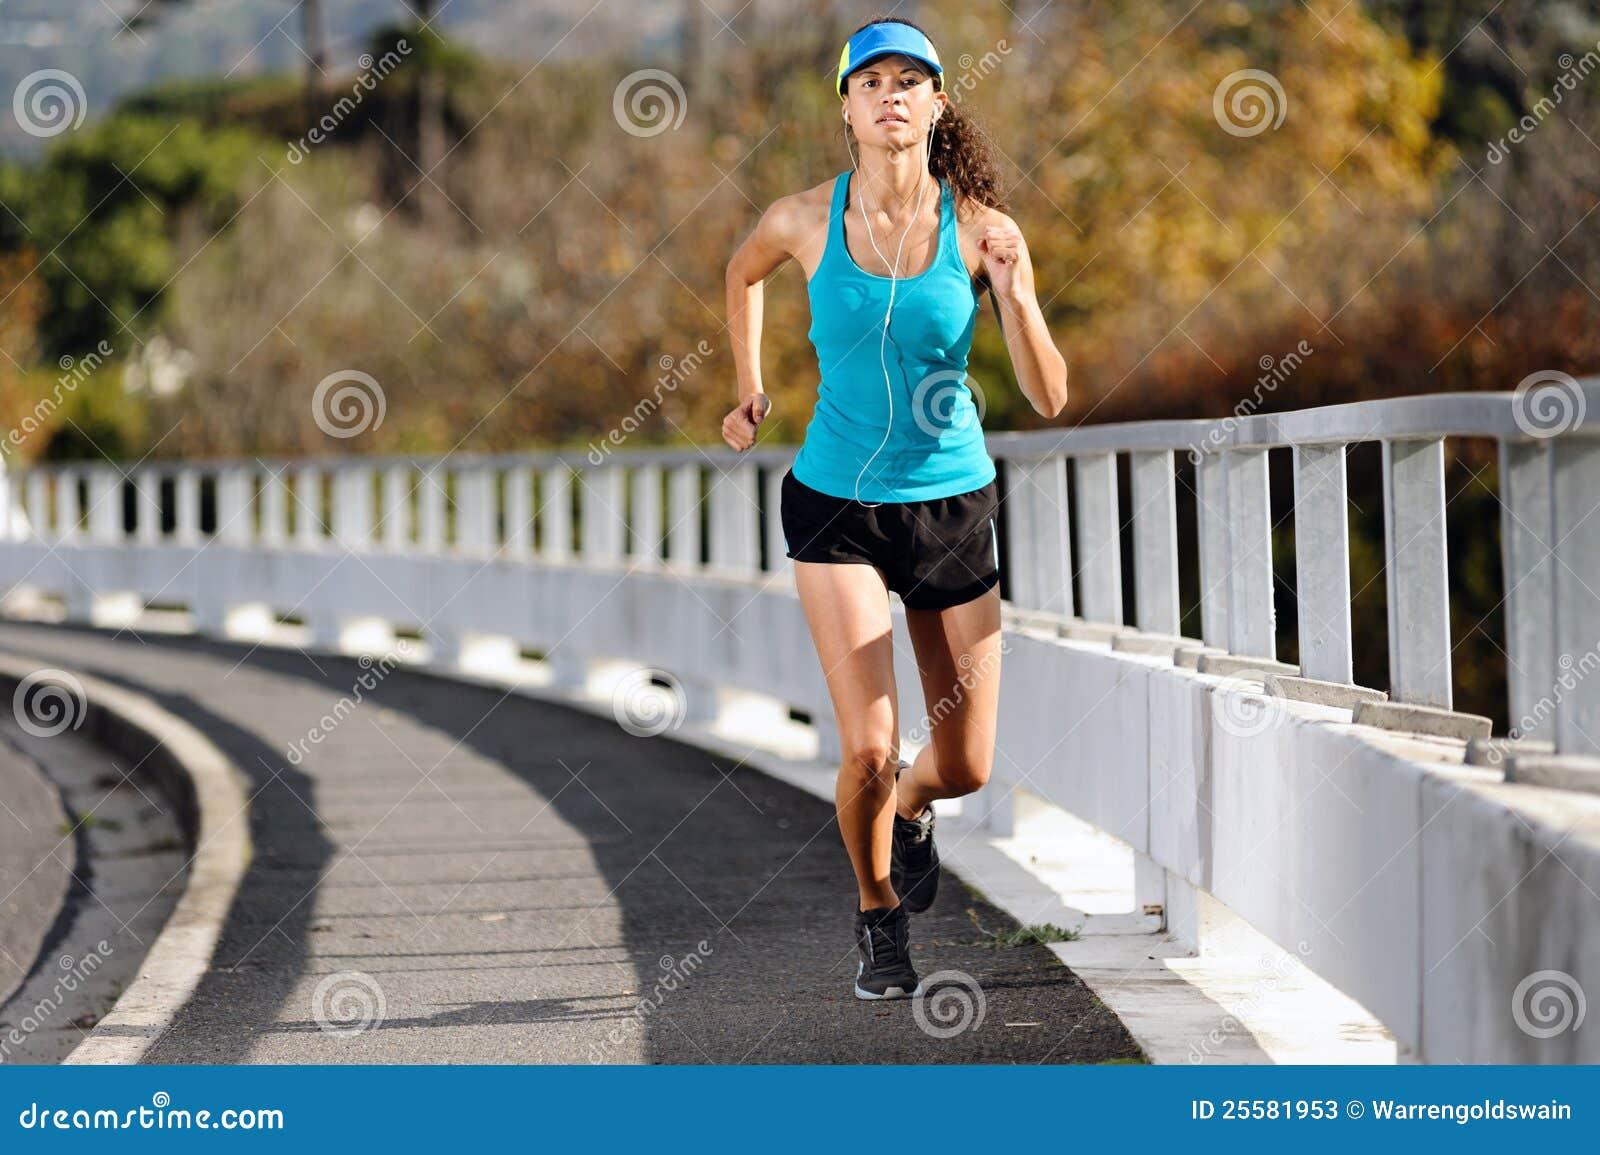 Laufende Frau des Bürgersteigs